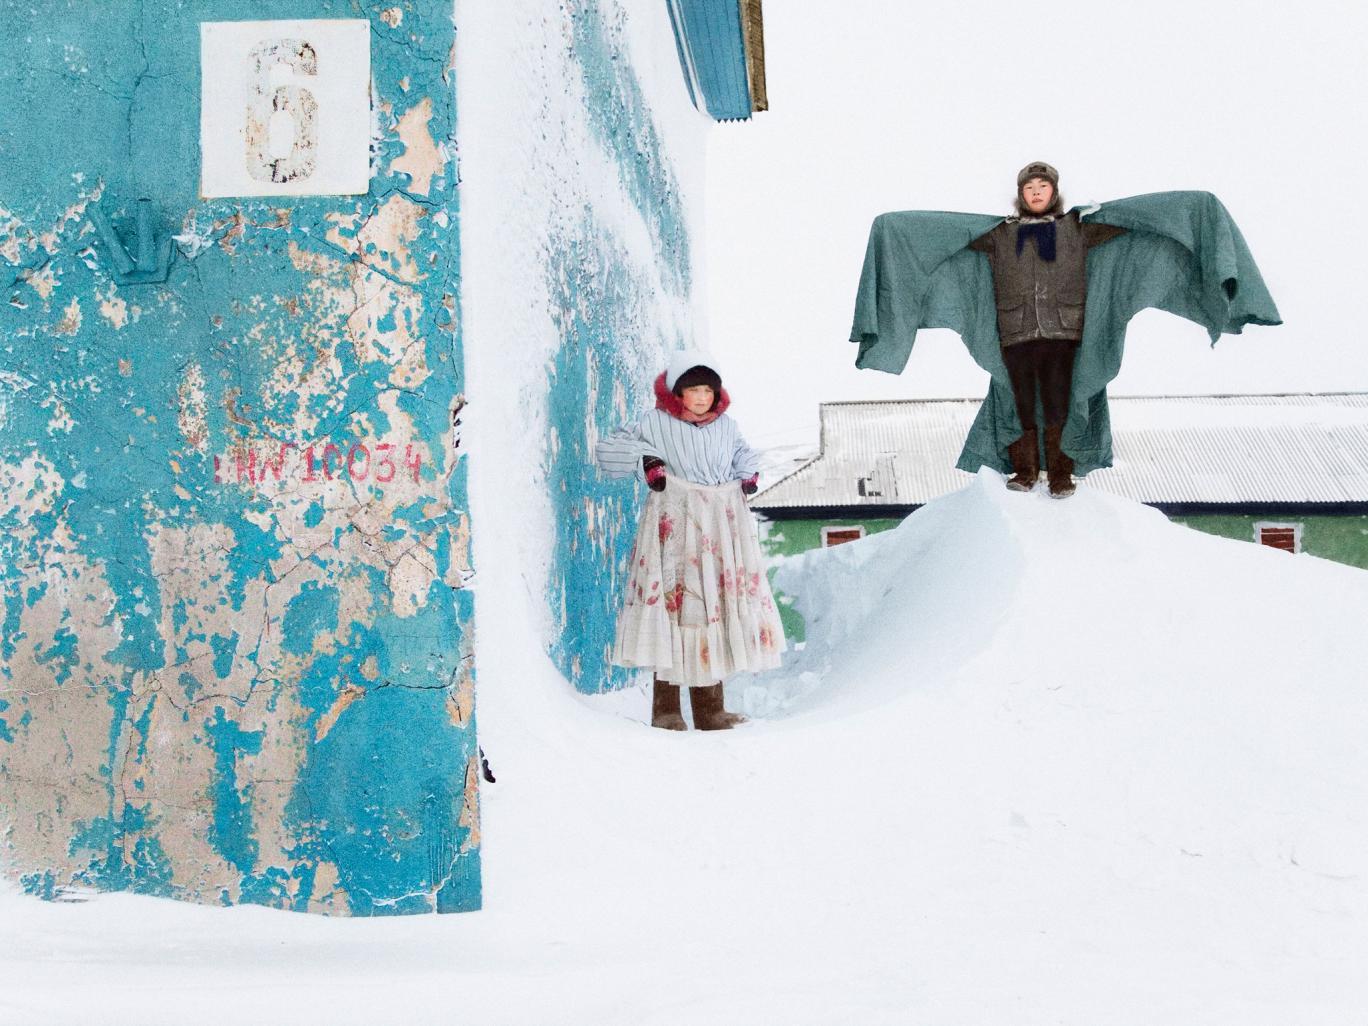 Exposure: Photographer Evgenia Arbugaeva